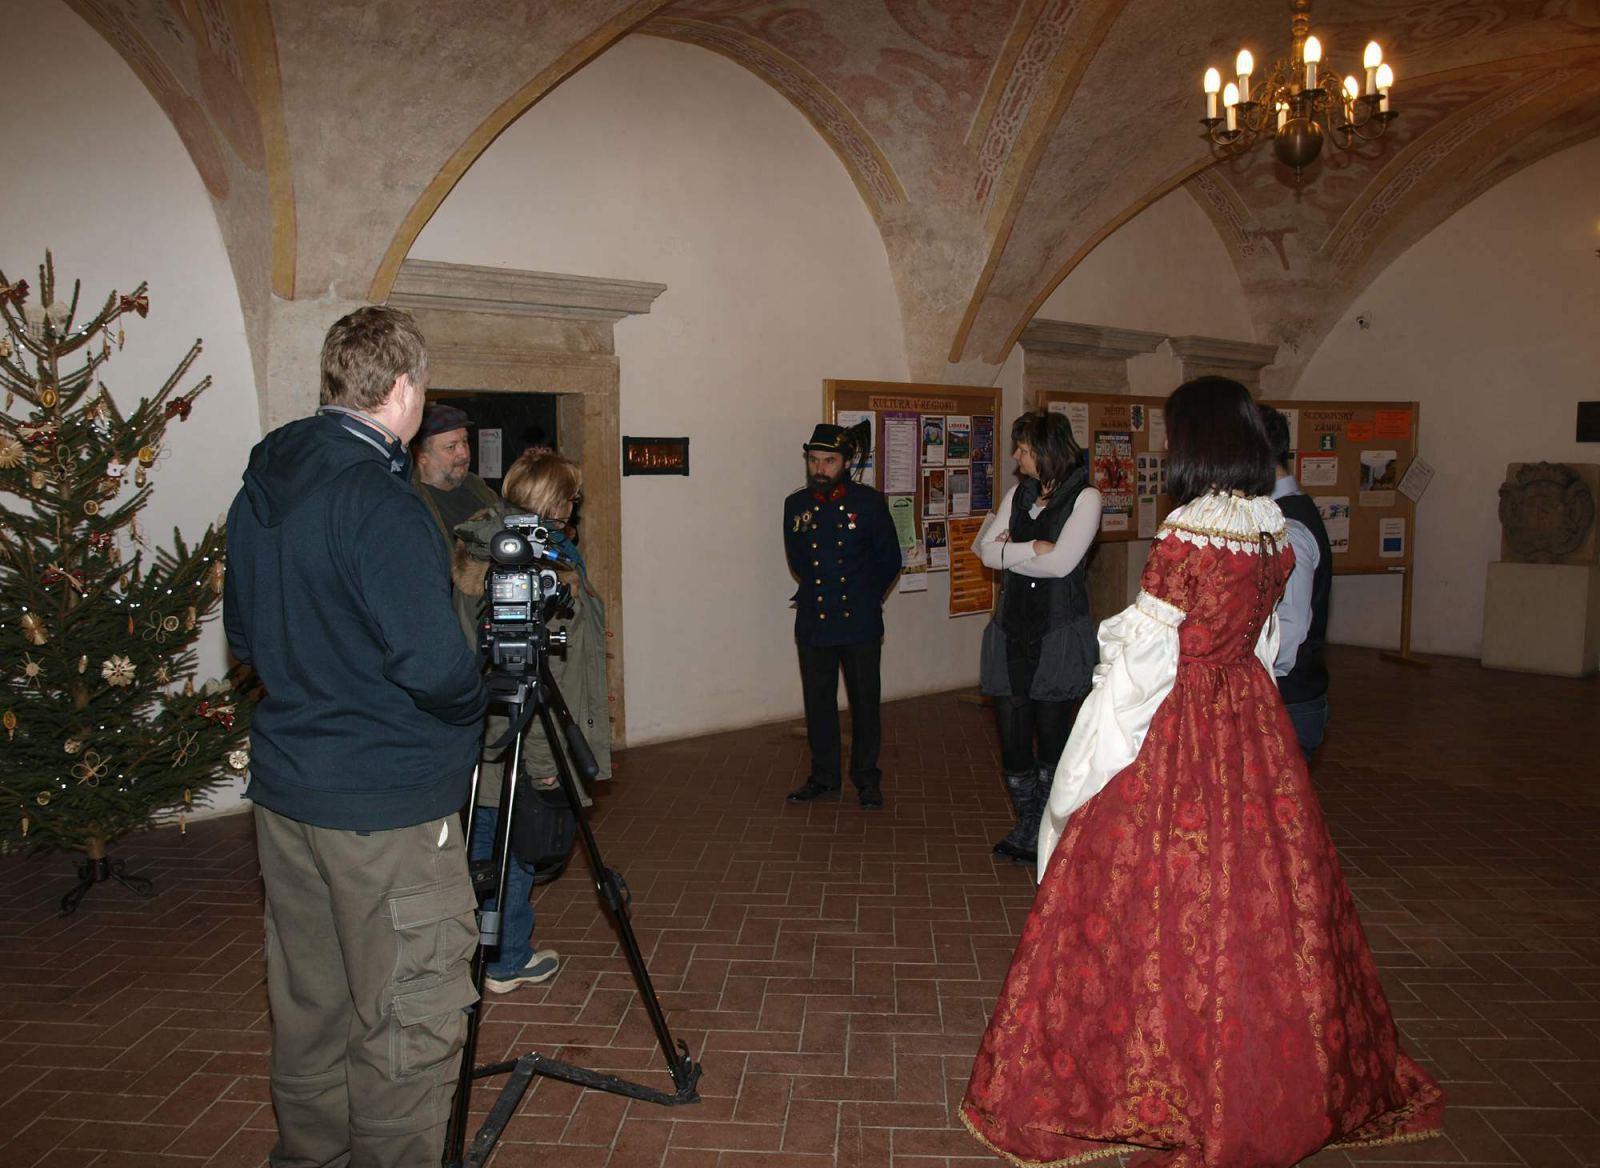 Šluknovský zámek v Toulavé kameře na ČT1